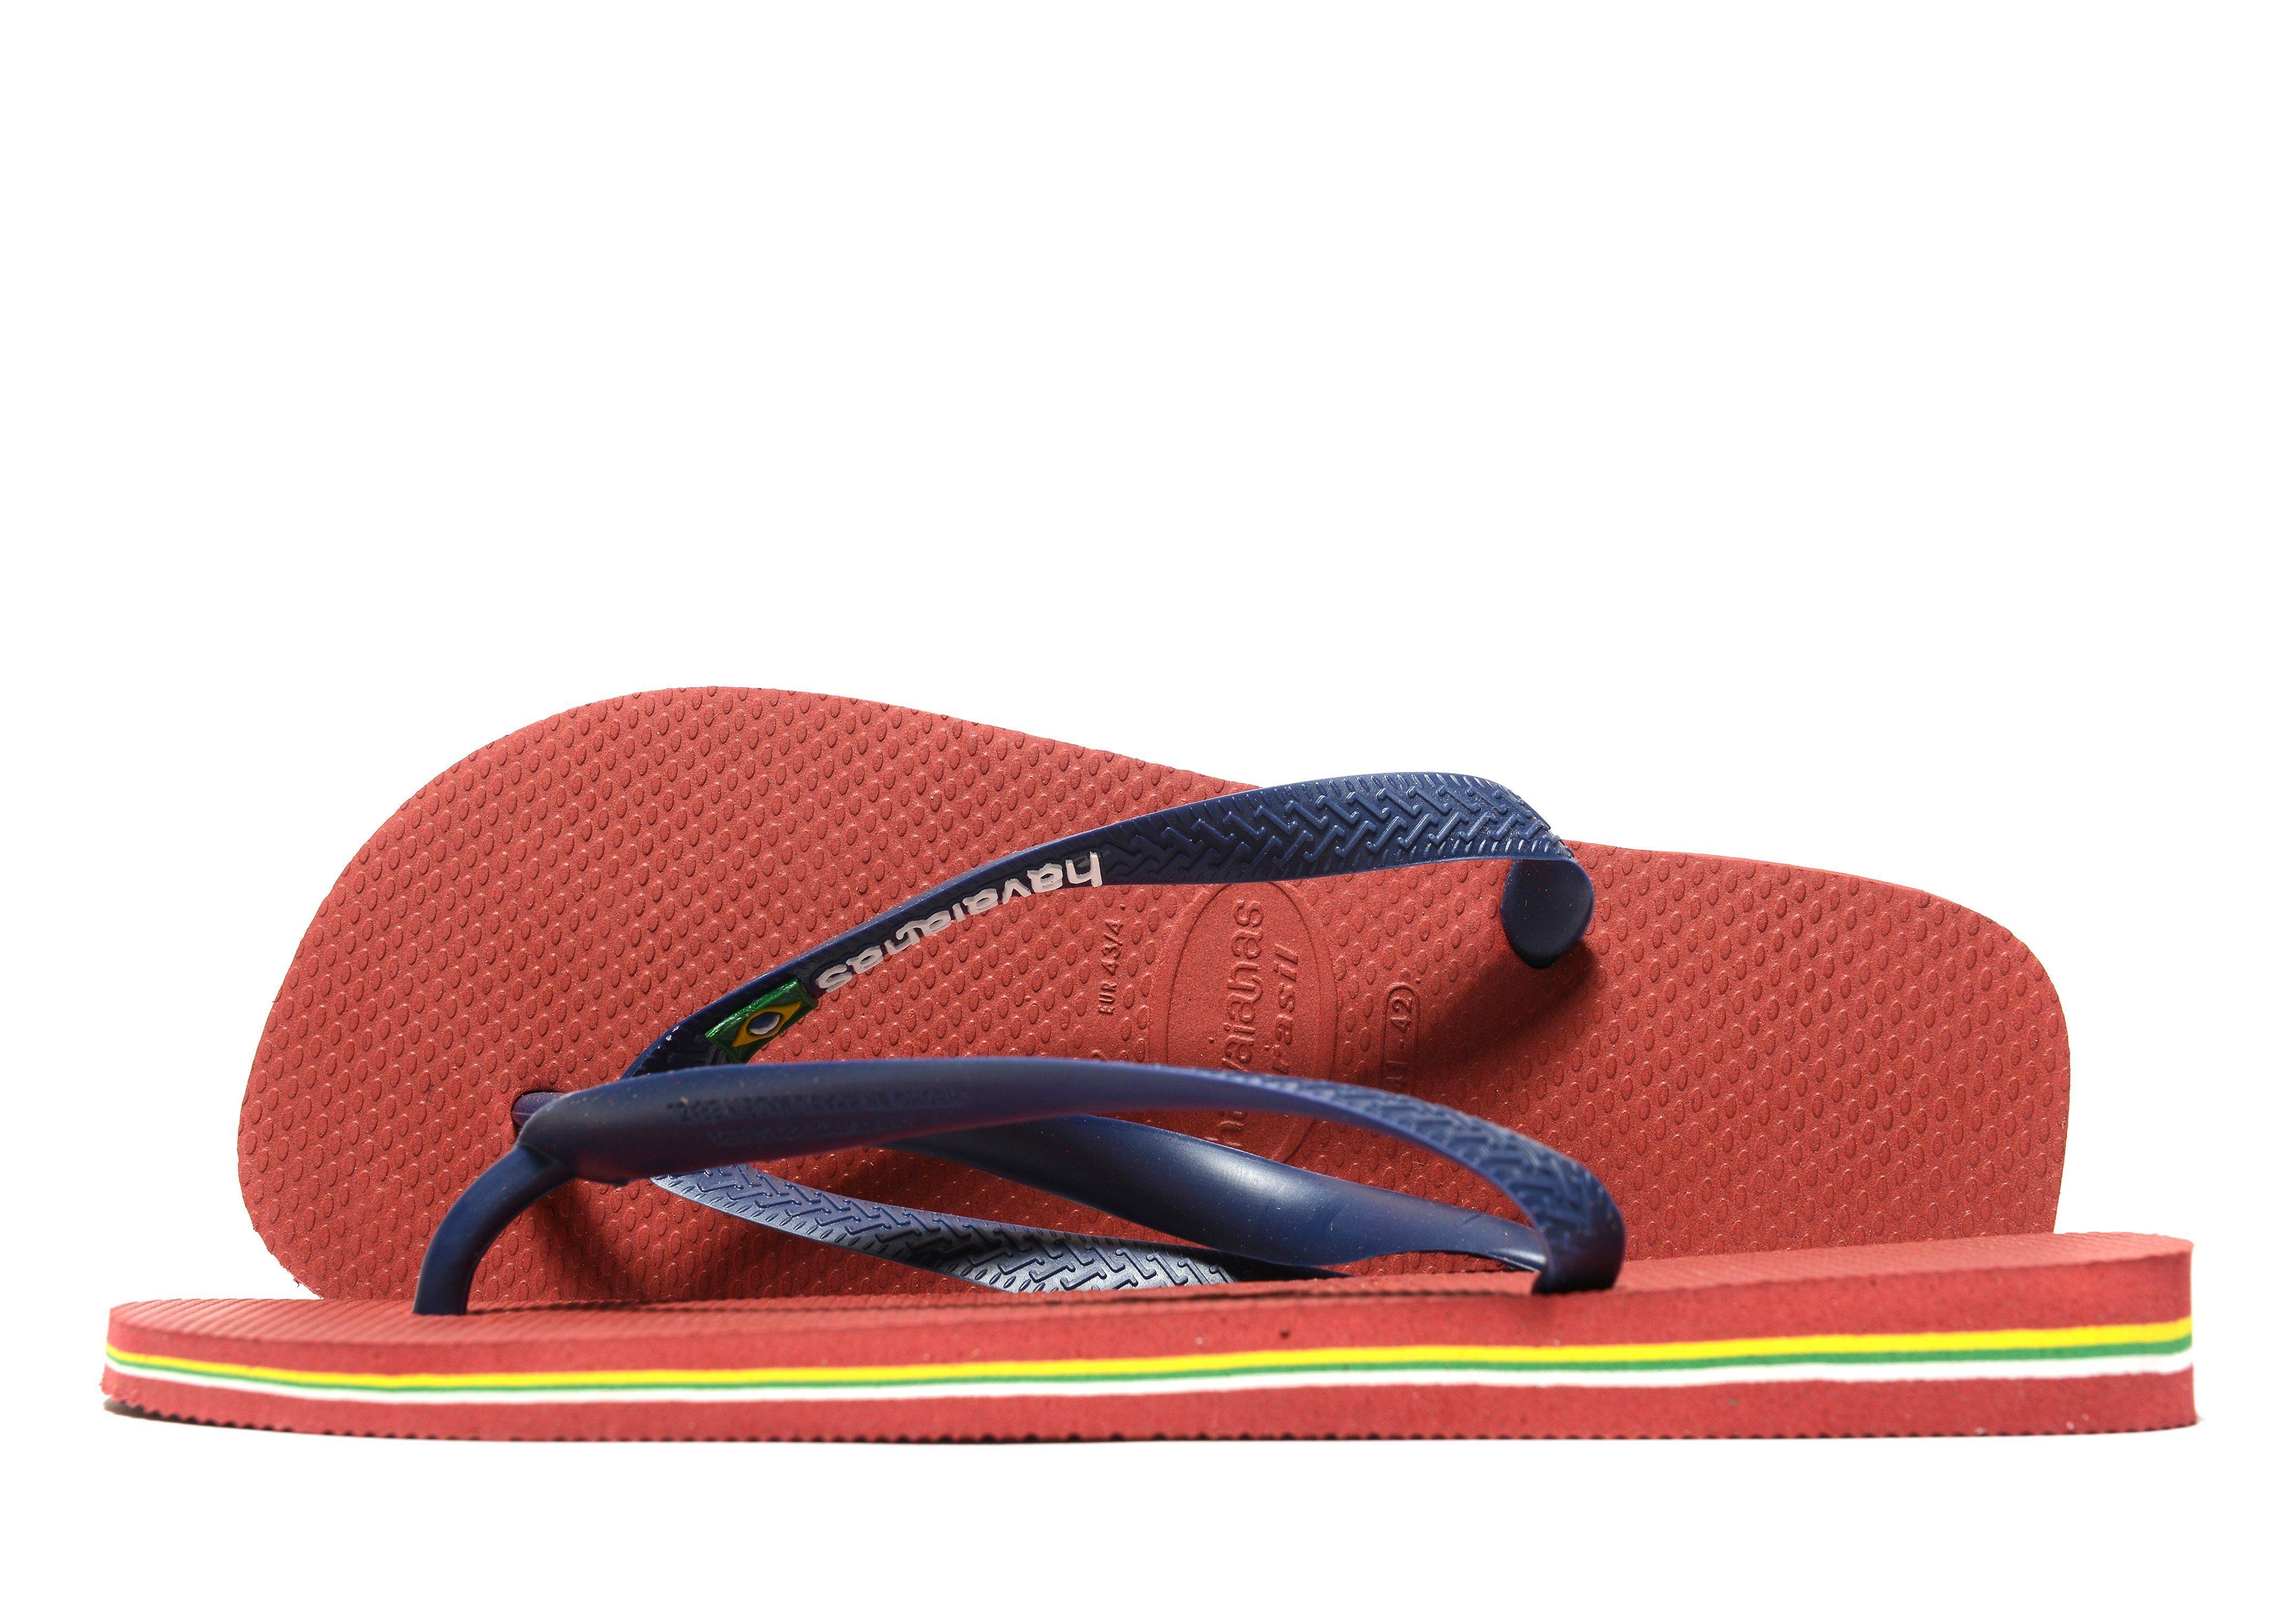 1c5b73be7 Men s Havaianas Flip Flops   Sandals